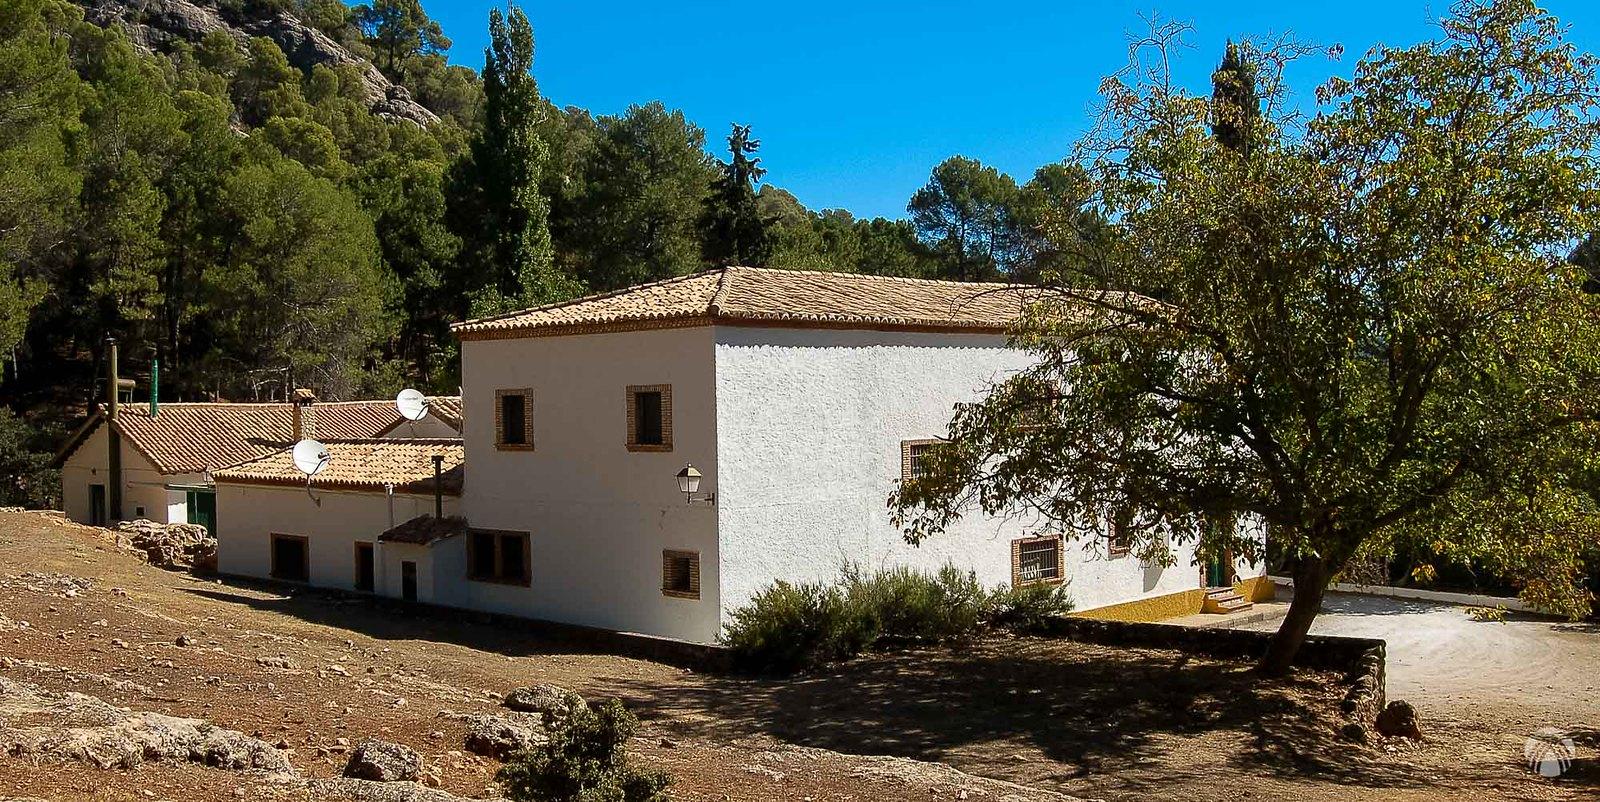 Casa Forestal del Hornico. Ahora es un albergue juvenil